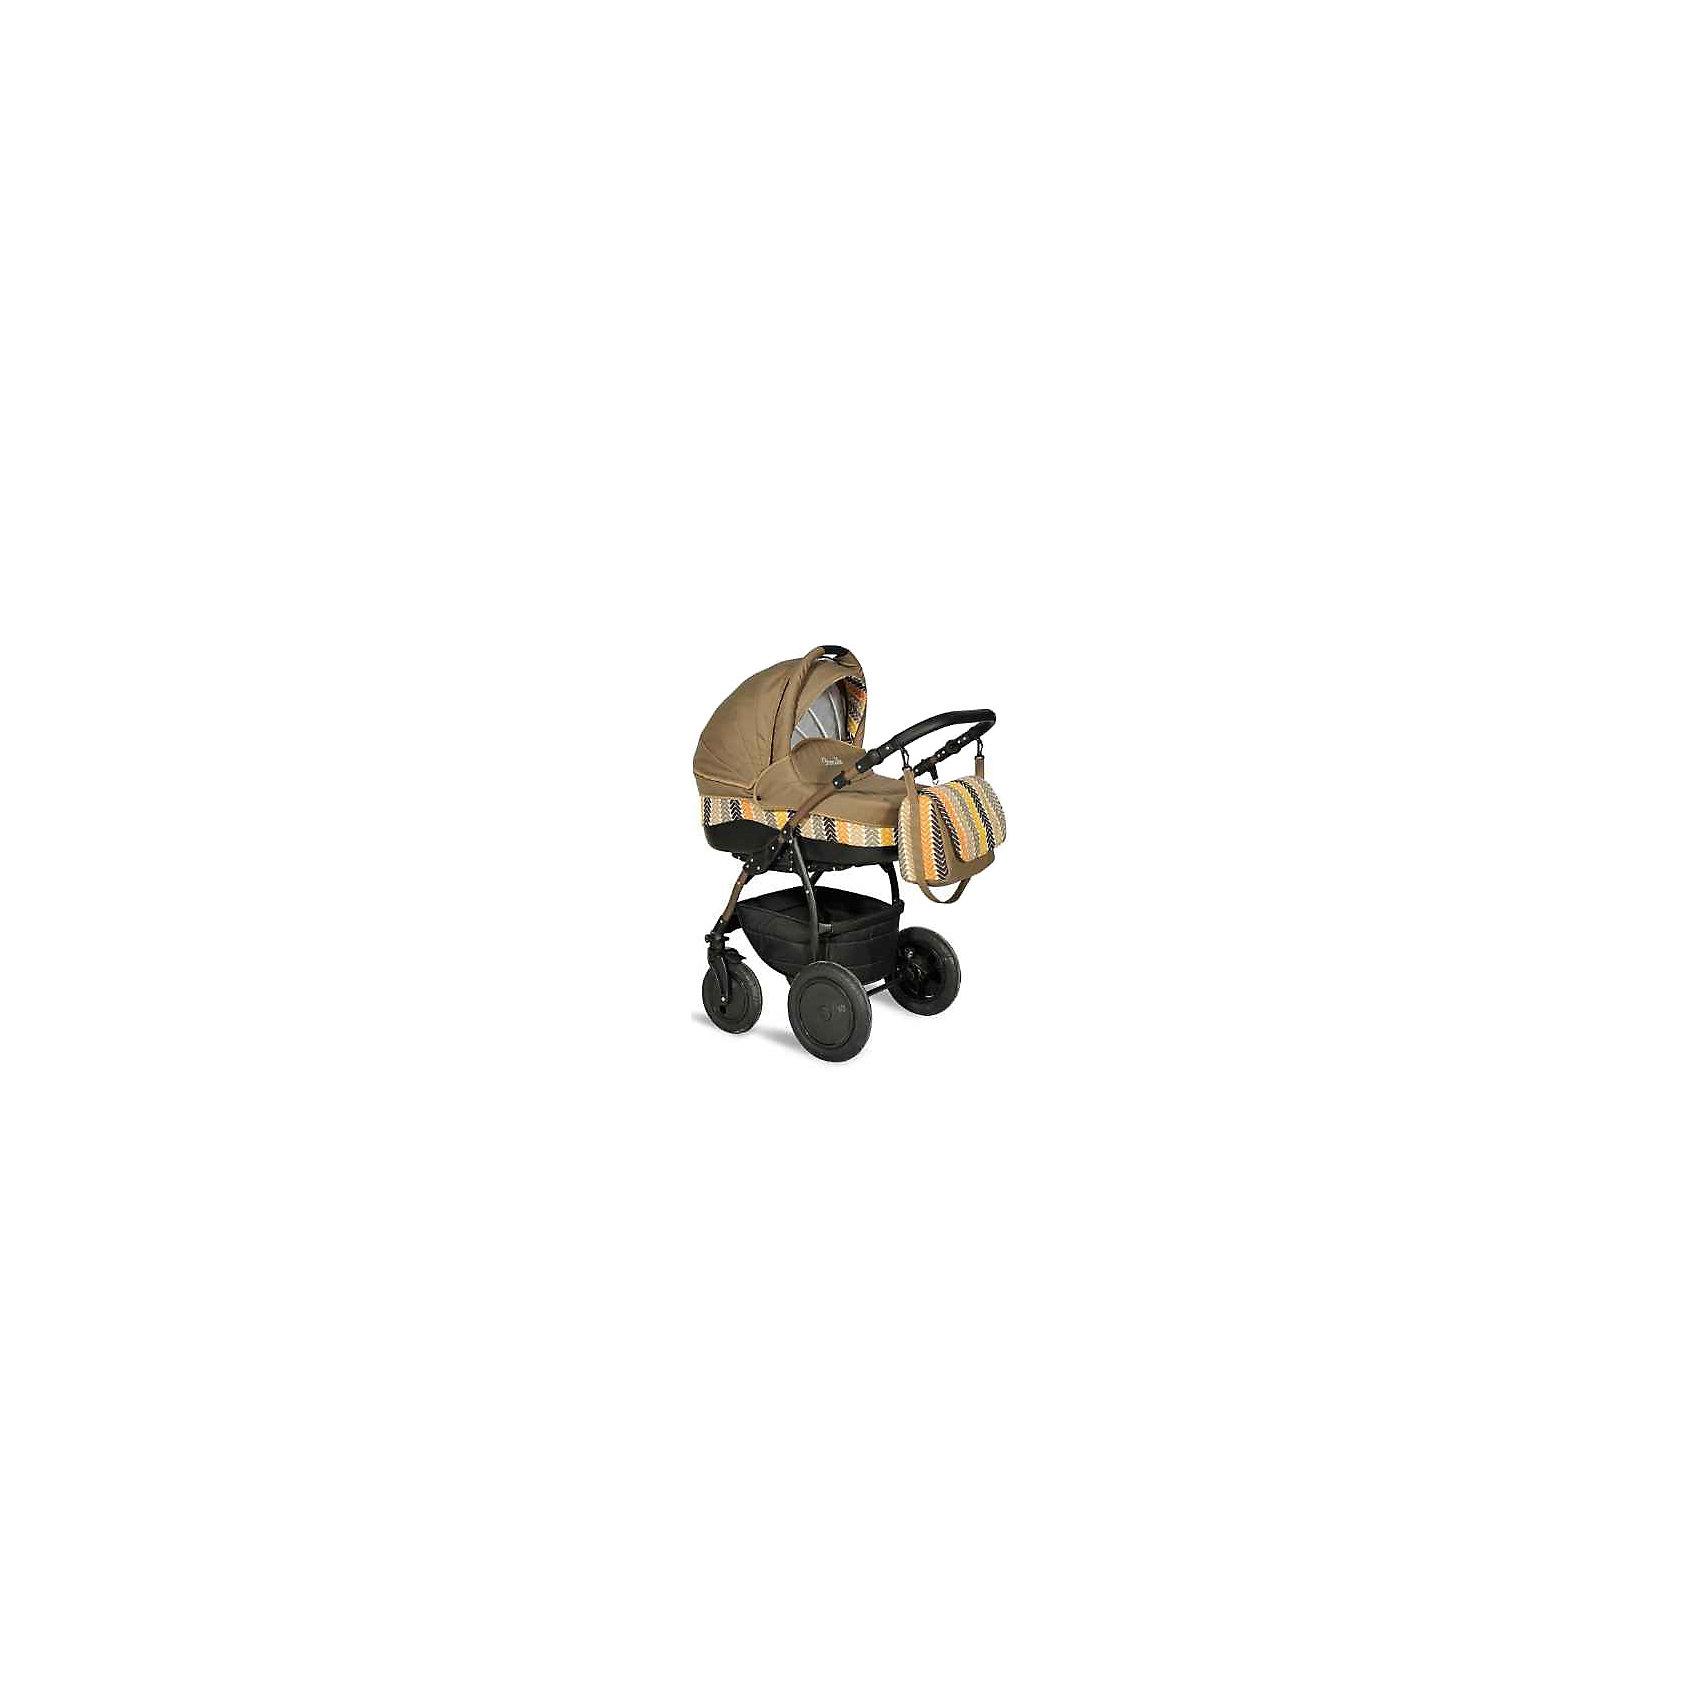 INDIGO Коляска 2 в 1 Camila, Indigo, бежевый универсальная коляска indigo s 2 в 1 кожа 17 white grey